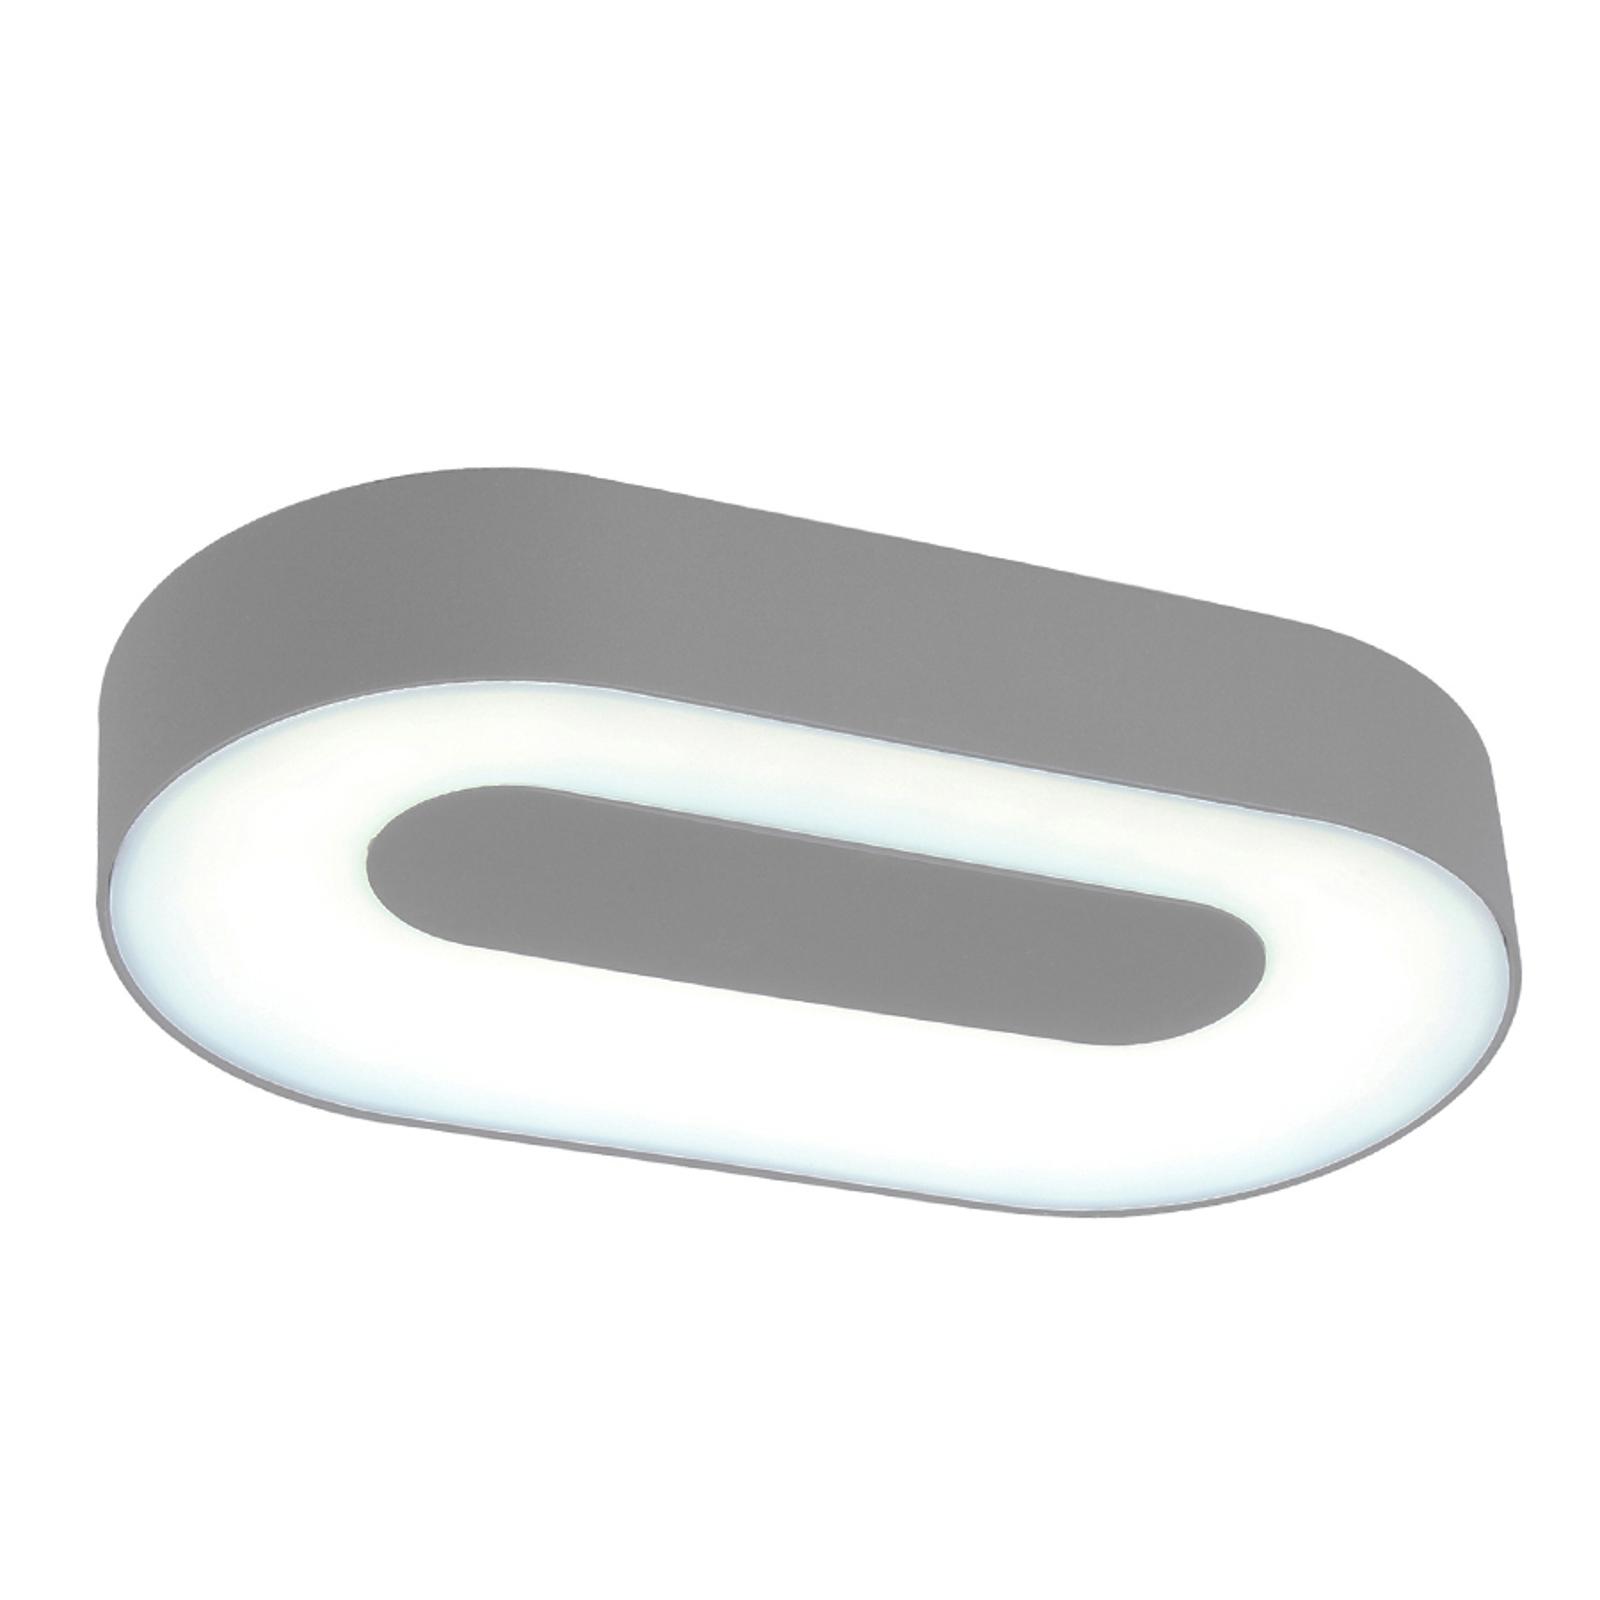 Oval LED-vägglampa Ublo för utomhusbruk